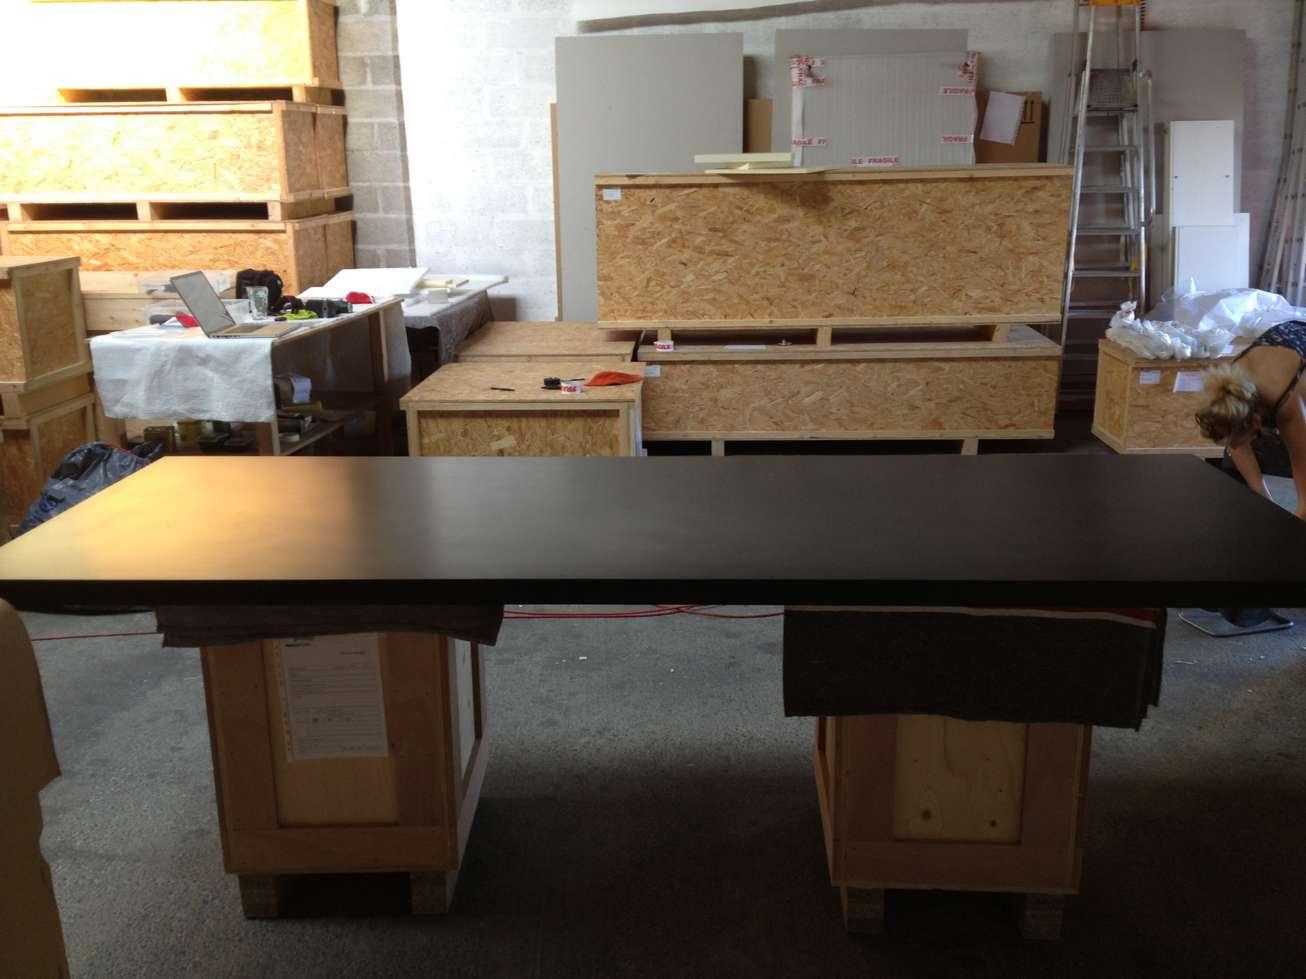 design-lars-mikkelsen-galerie-kreo-polissage-nettoyage-art-restauration-restaurarte-resine.jpg